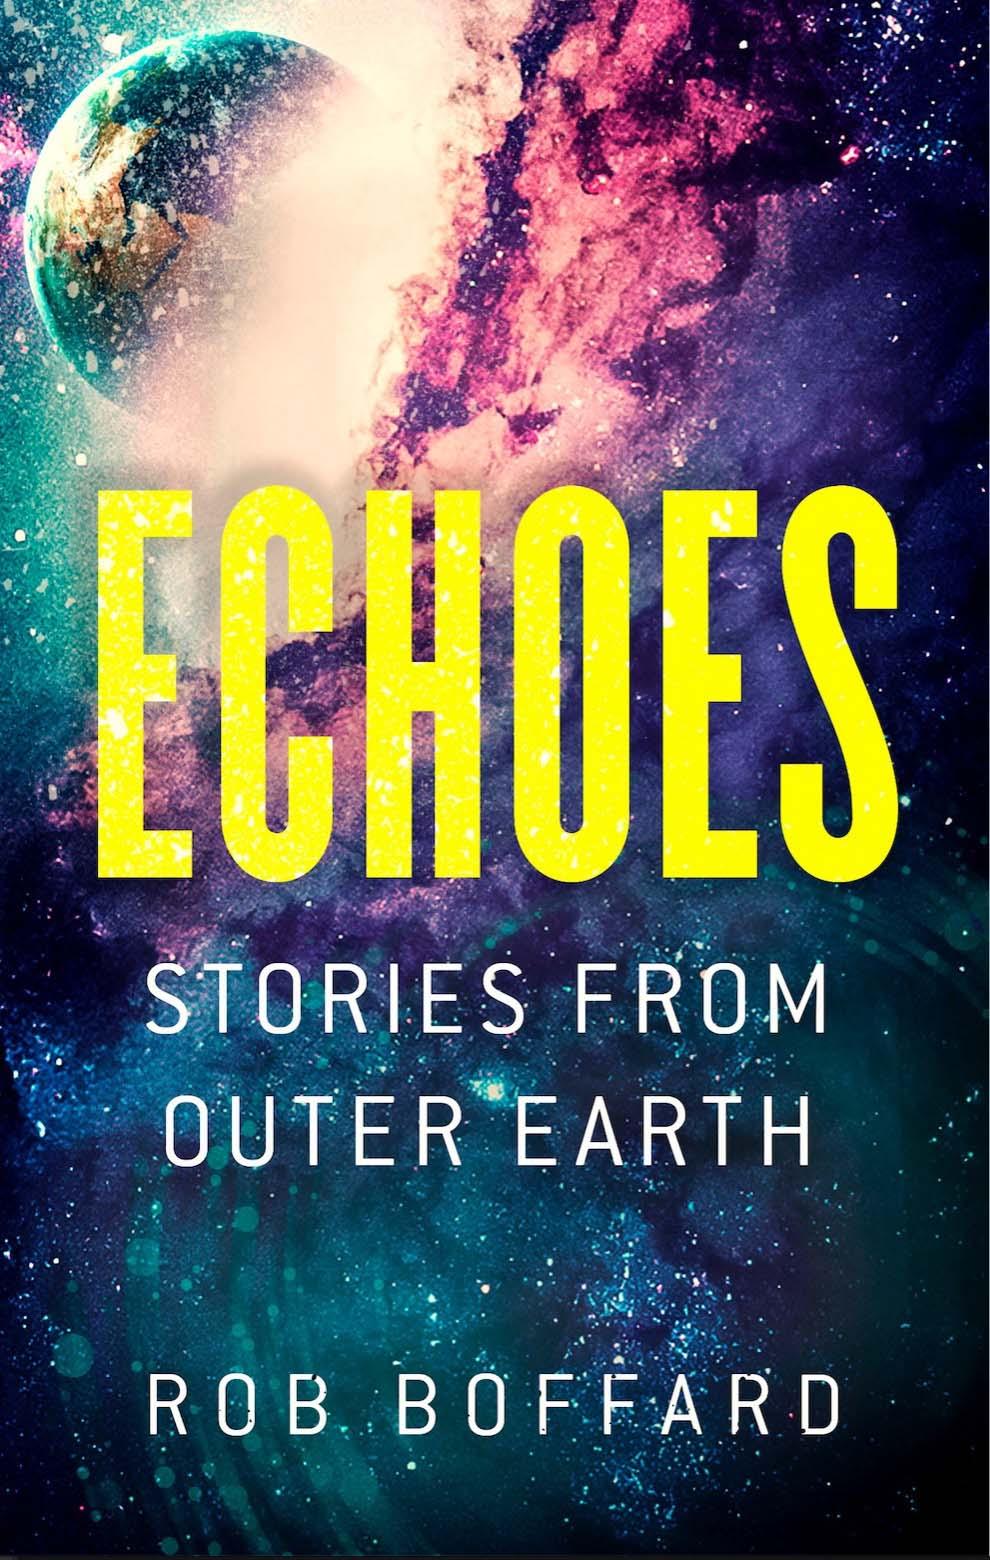 Scifi novel Echos by Rob Boffard